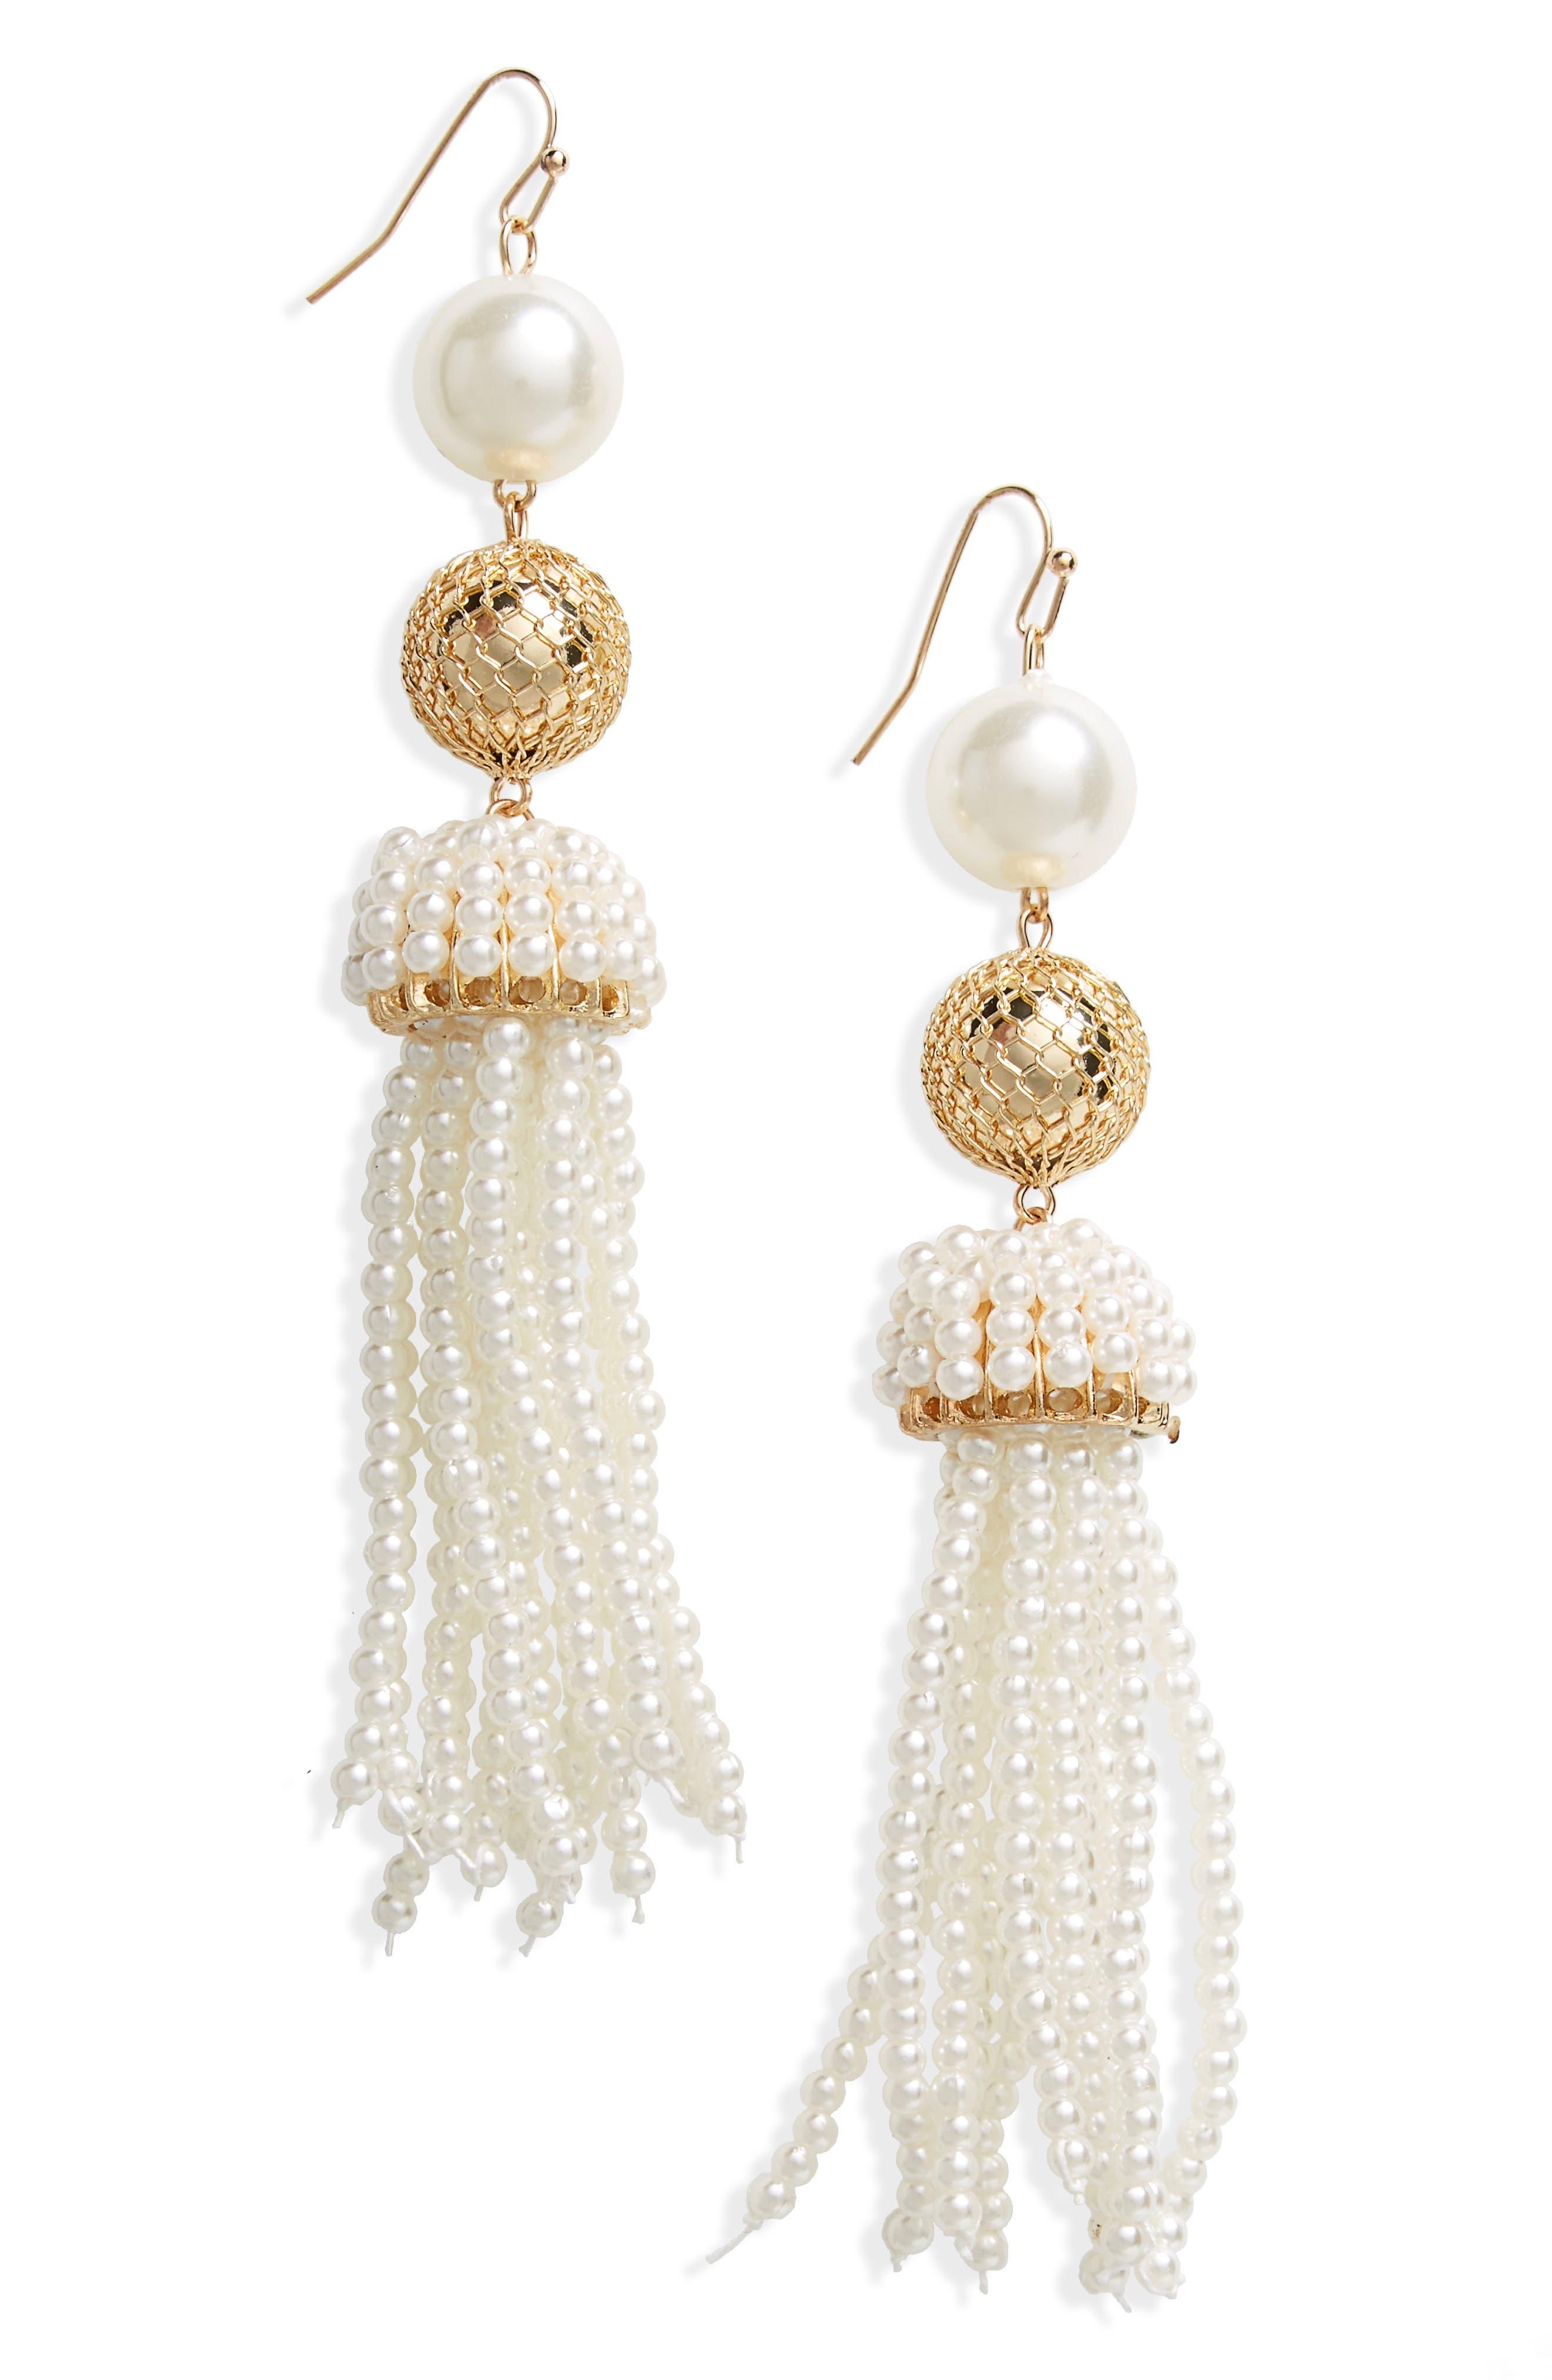 Imitation Pearl Beaded Tassel Earrings,                             Main thumbnail 1, color,                             Gold/ Pearl